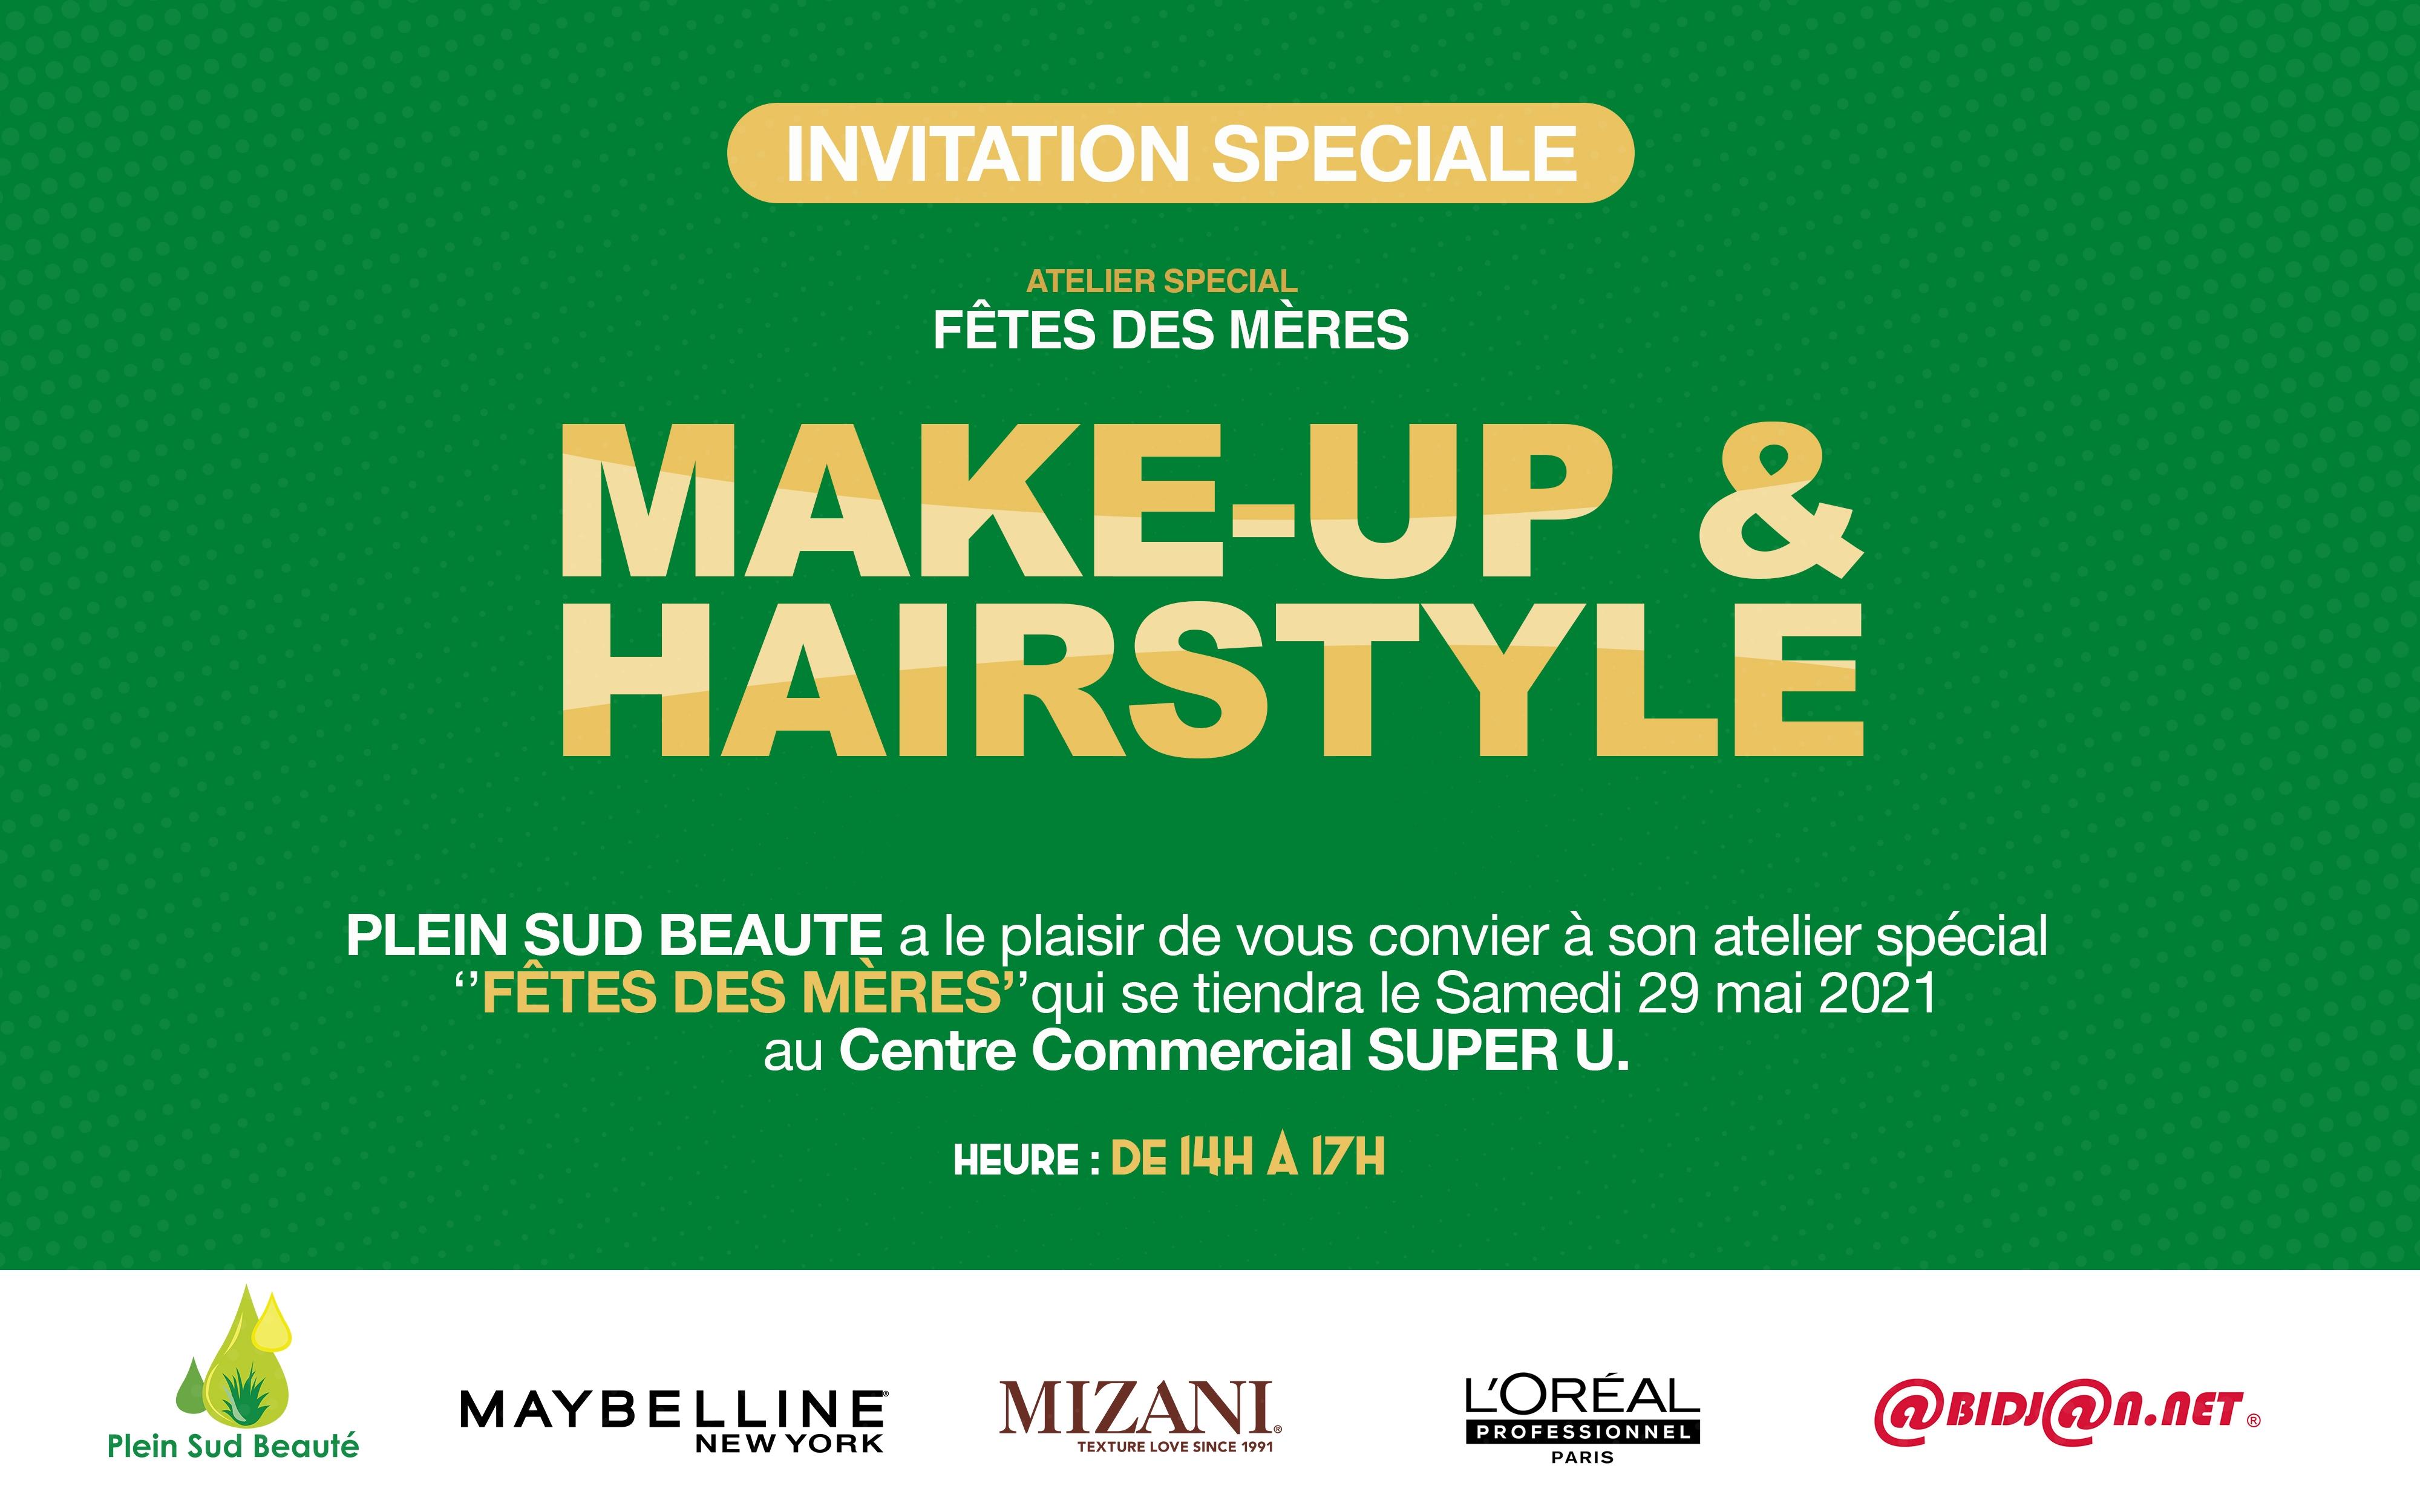 Atelier spécial ''FÊTES DES MÈRES'' (Make-up & Hairstyle)